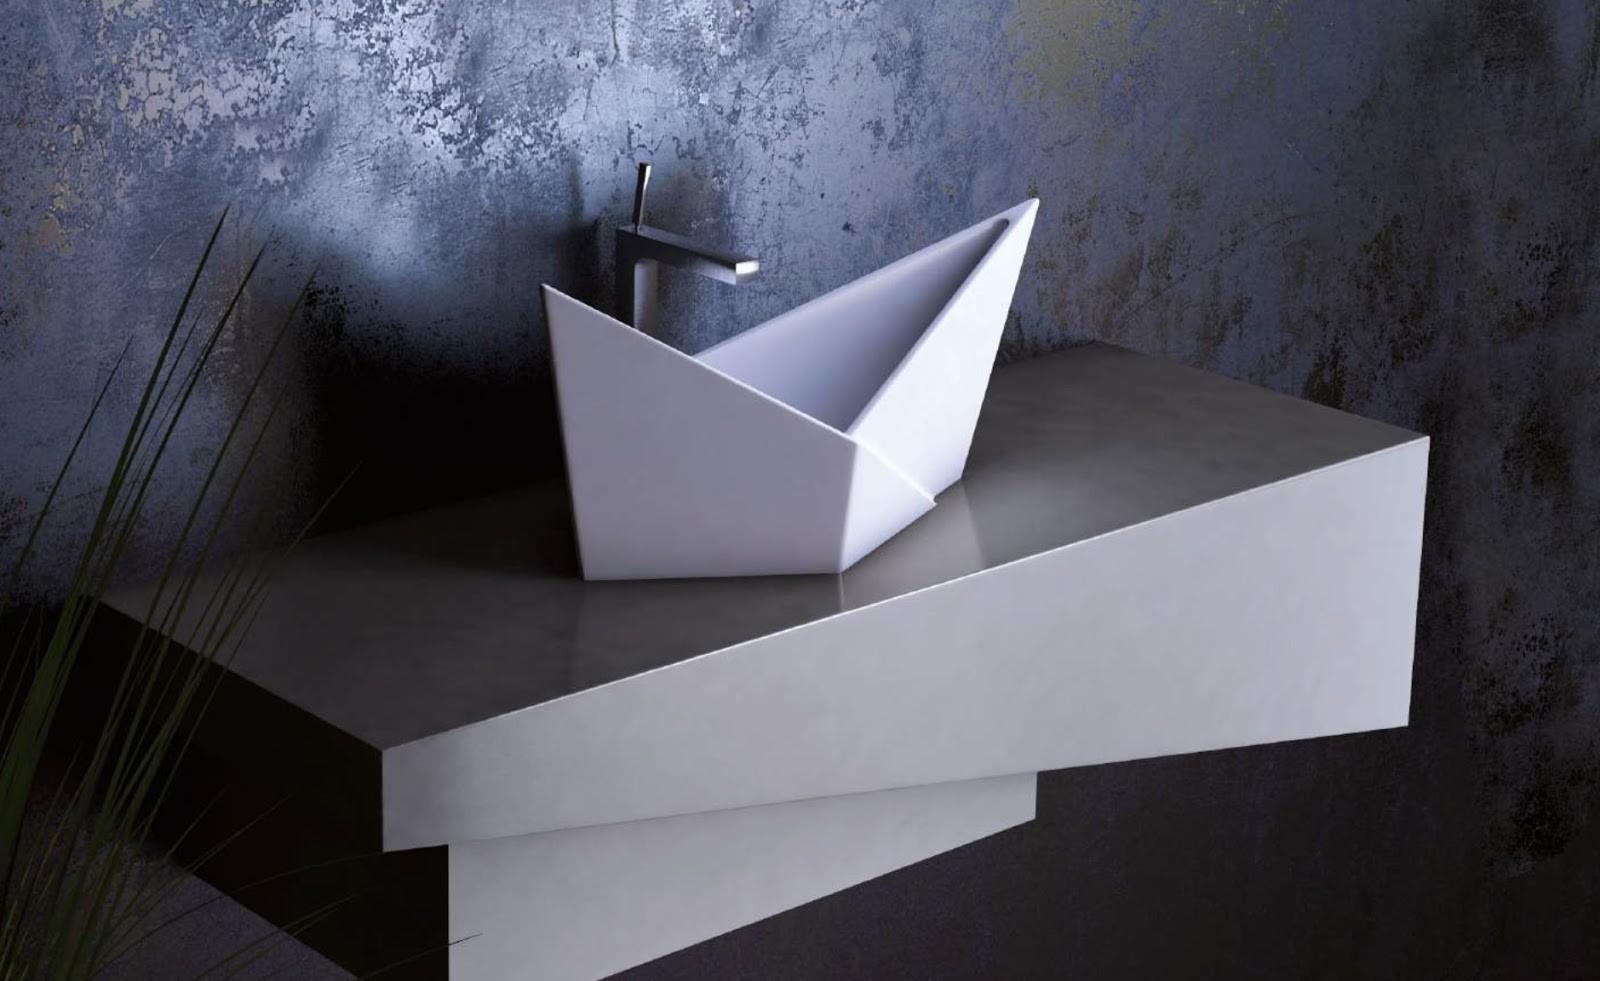 tolle asymetrie design waschbecken